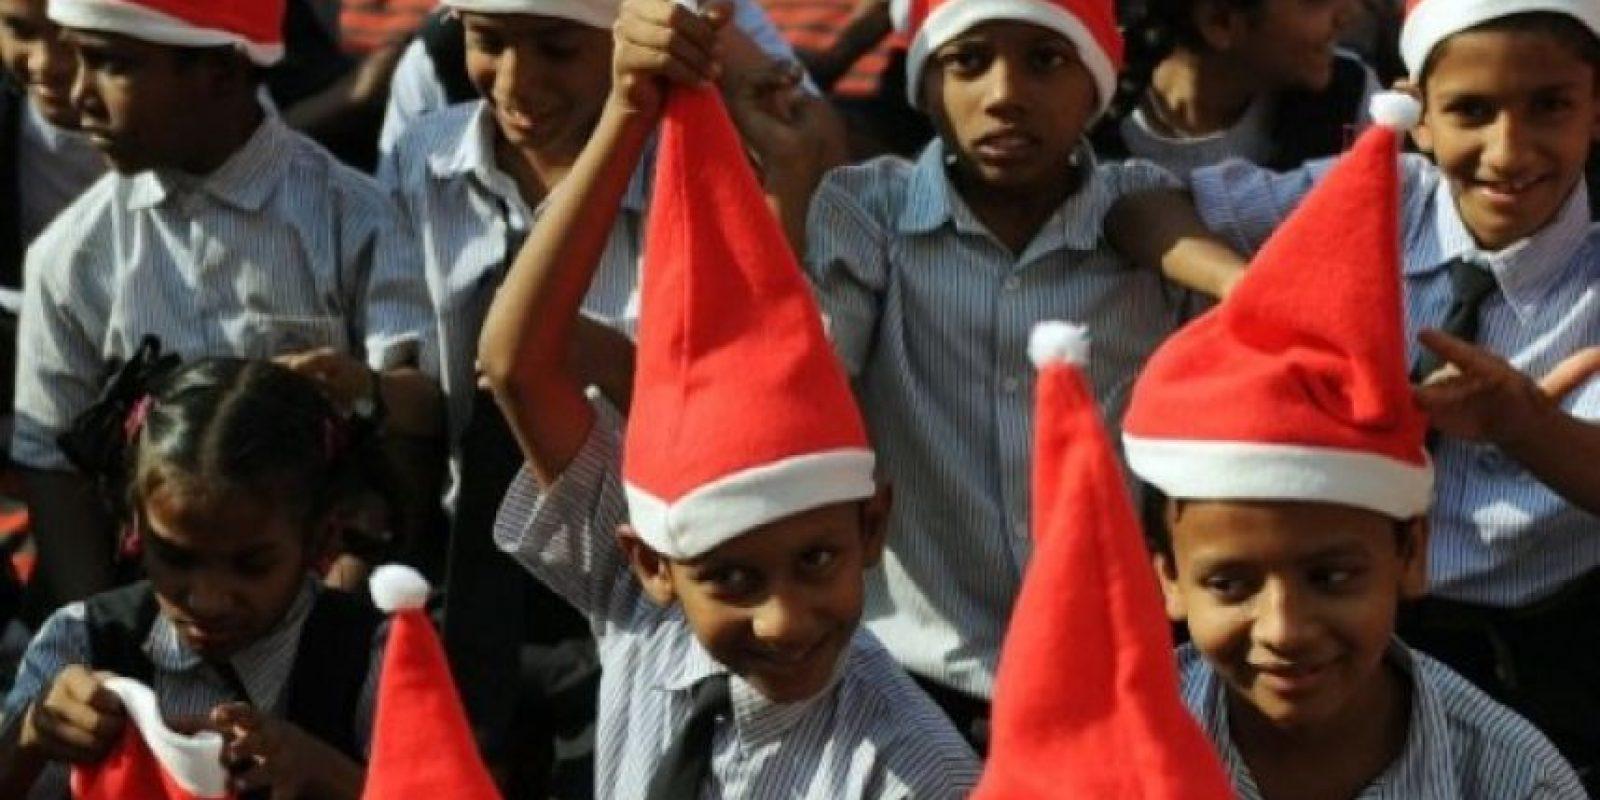 Niños indios pobres participan en una celebración navideña en Mumbai. AFP